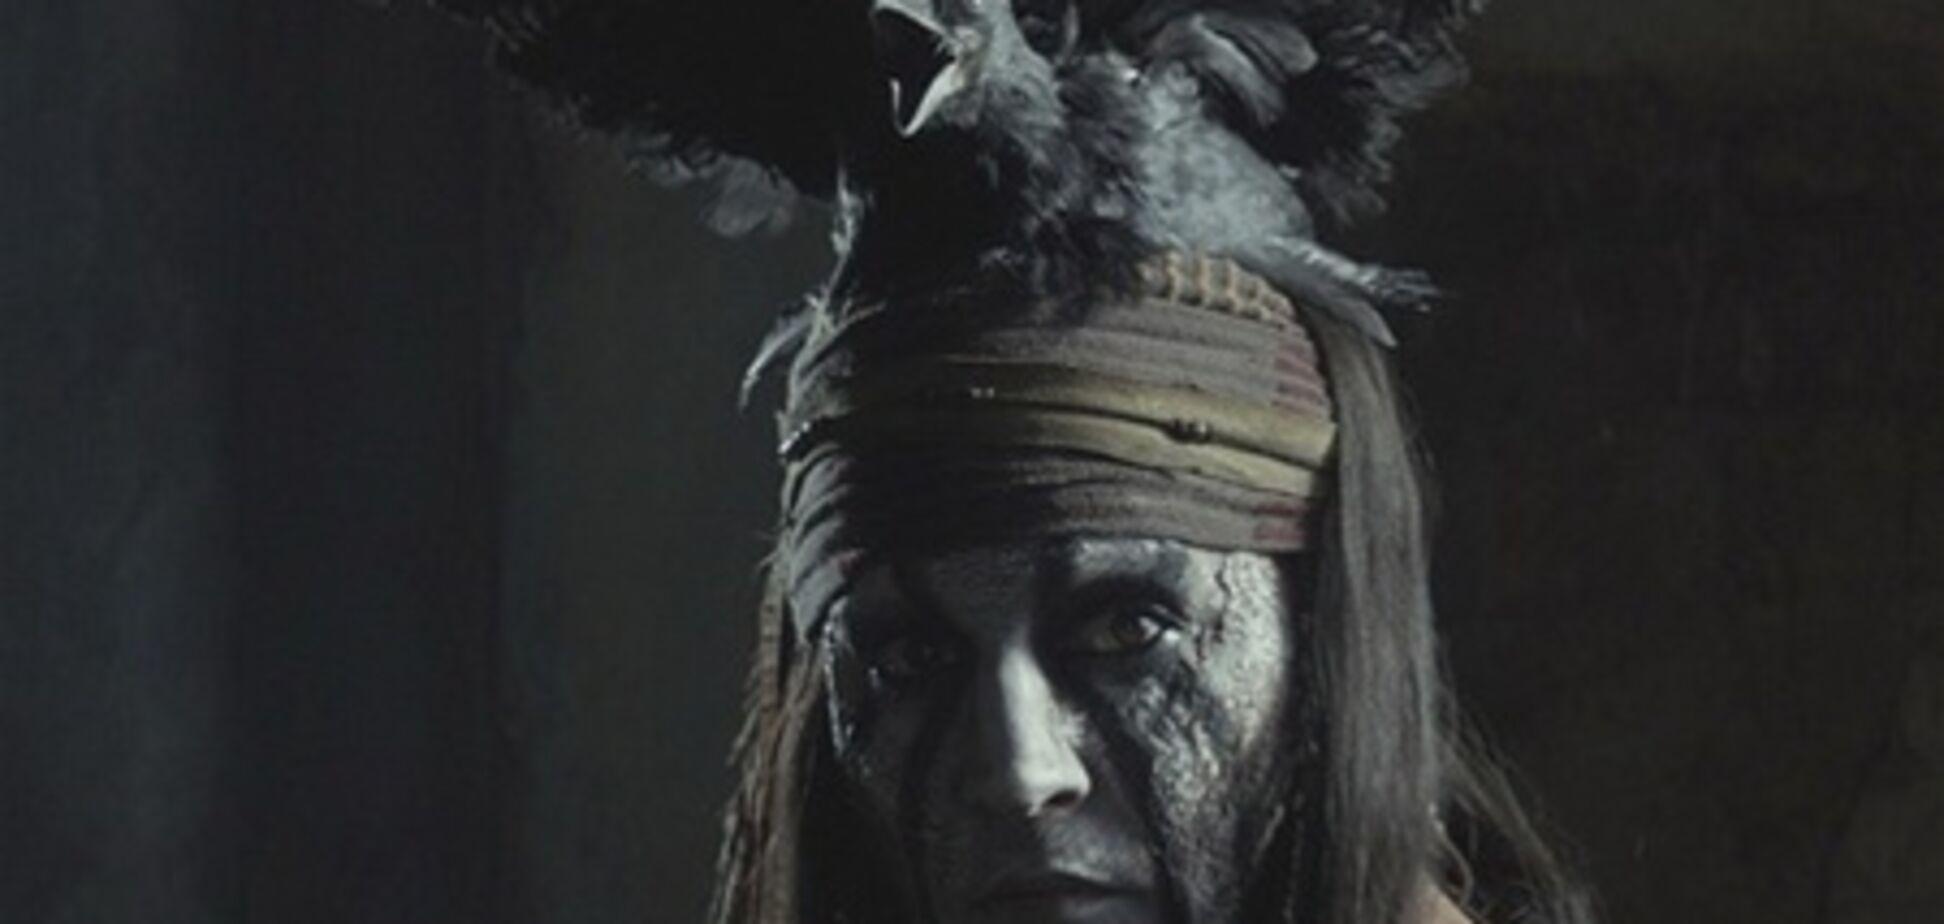 Джонни Депп в образе индейца Тонто: новые кадры